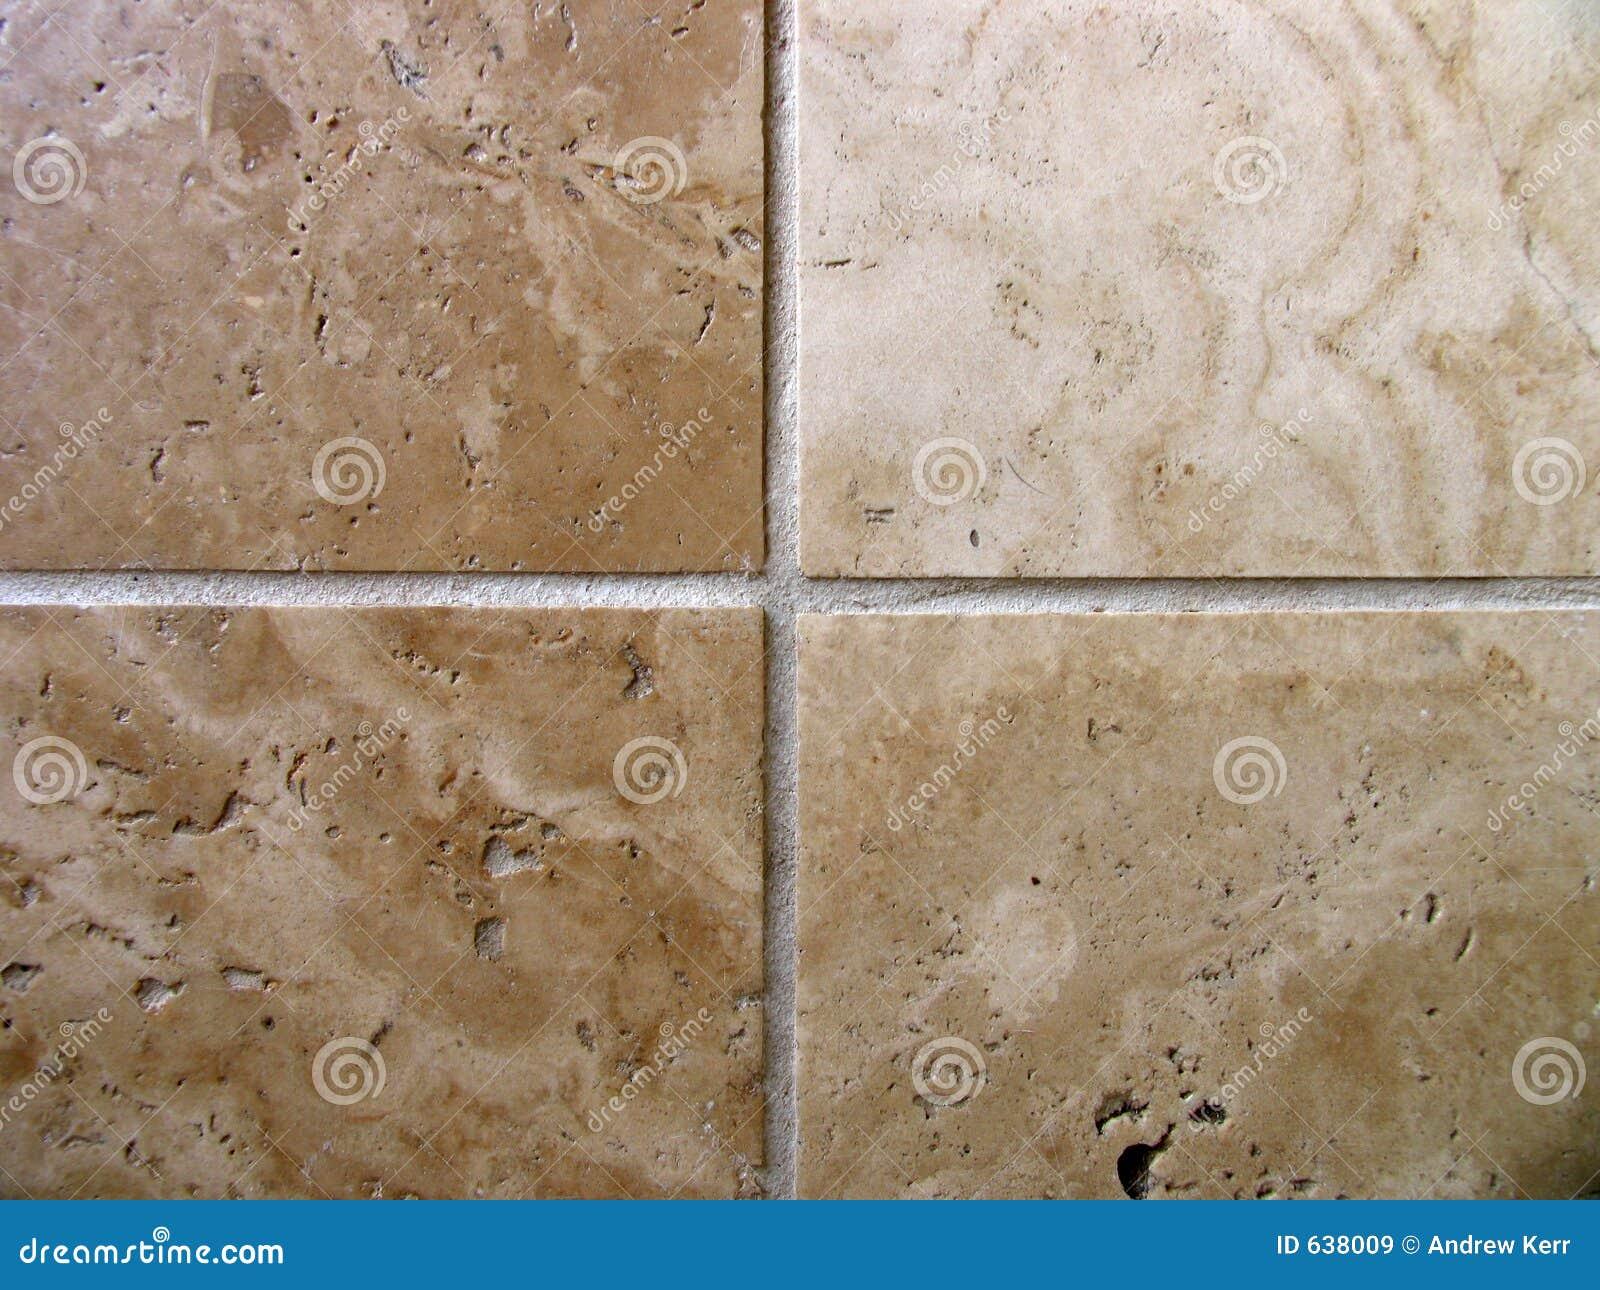 Four travertine tiles